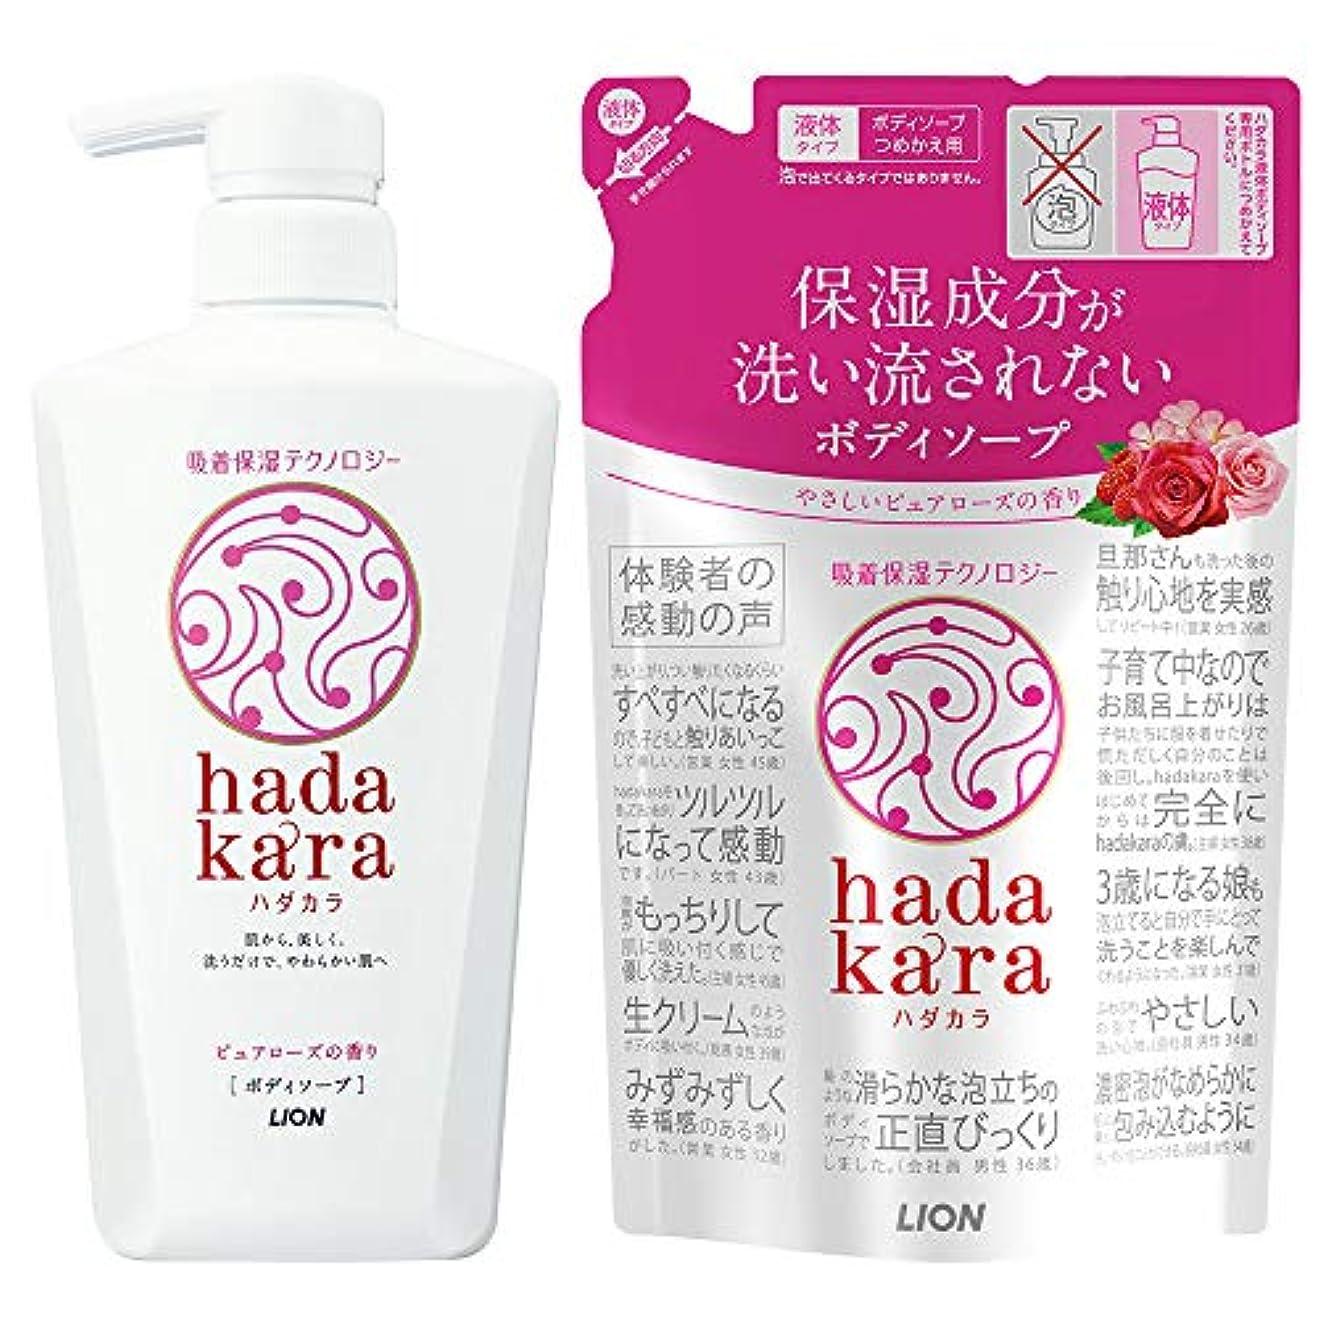 ペイント暴露する胴体hadakara(ハダカラ) ボディソープ ピュアローズの香り 本体500ml+つめかえ360ml +